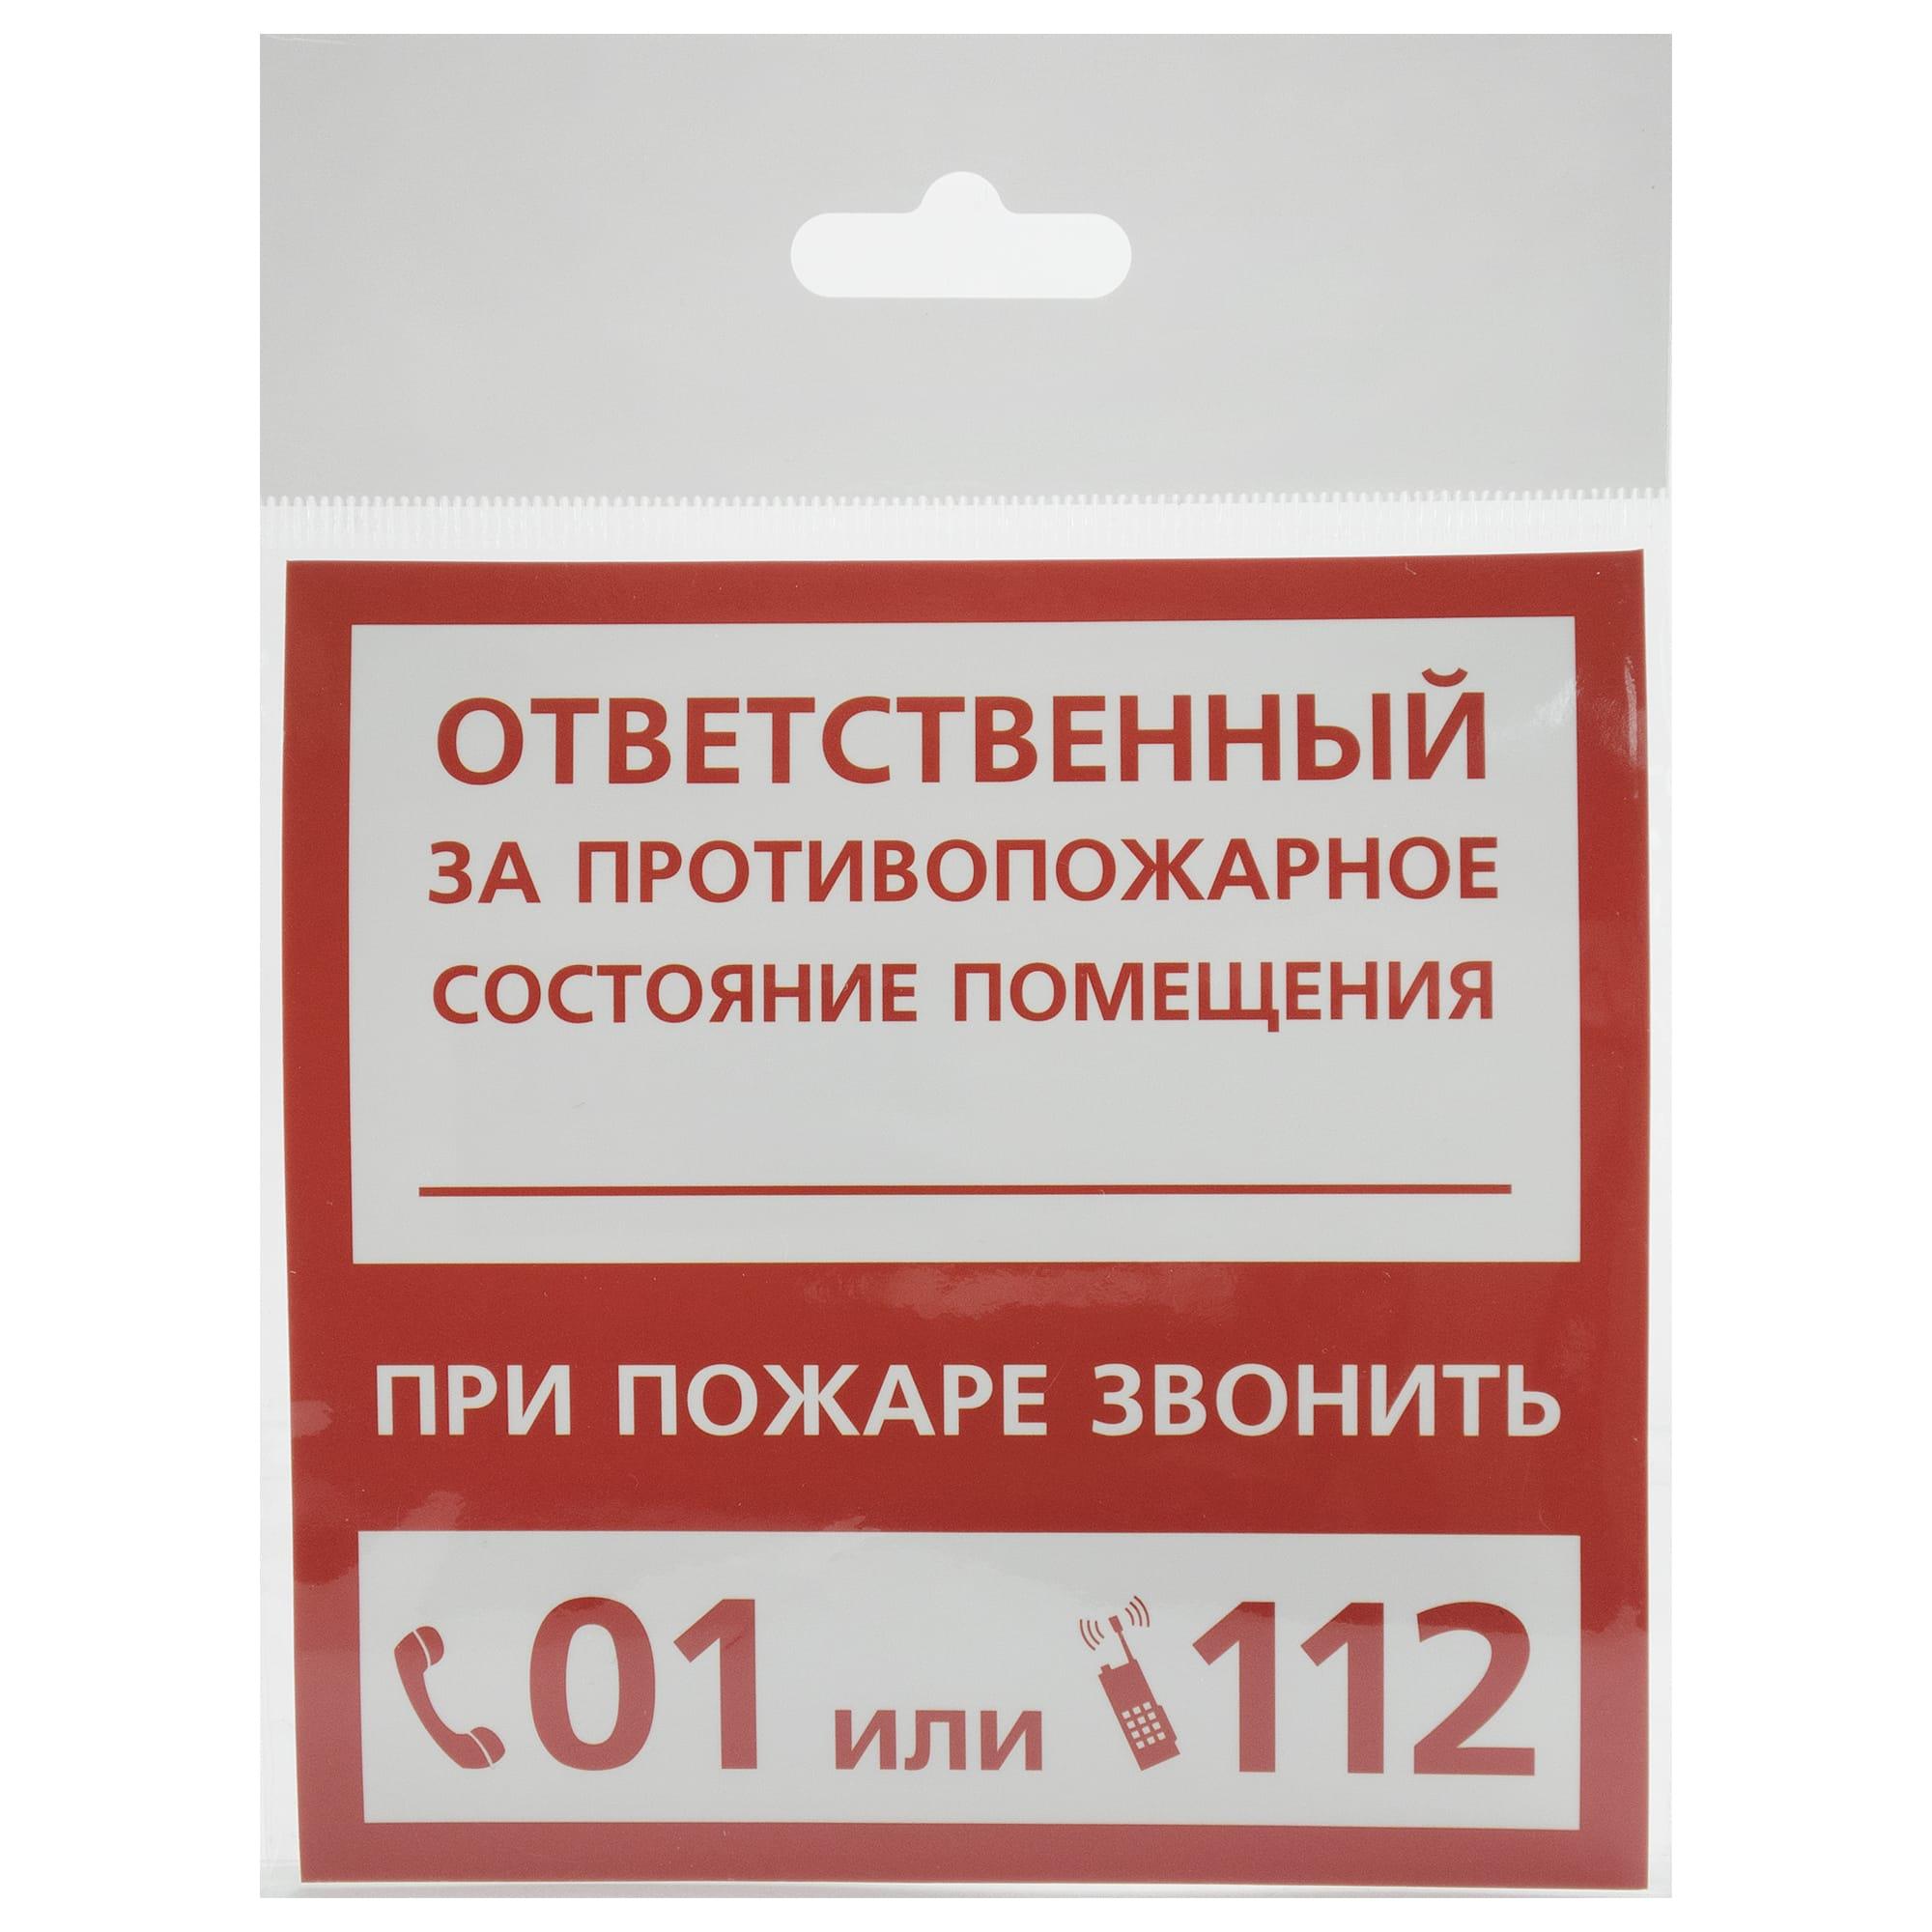 0b0416be0da1 Наклейка «Ответственный за пожарную безопасность» маленькая пластик ...